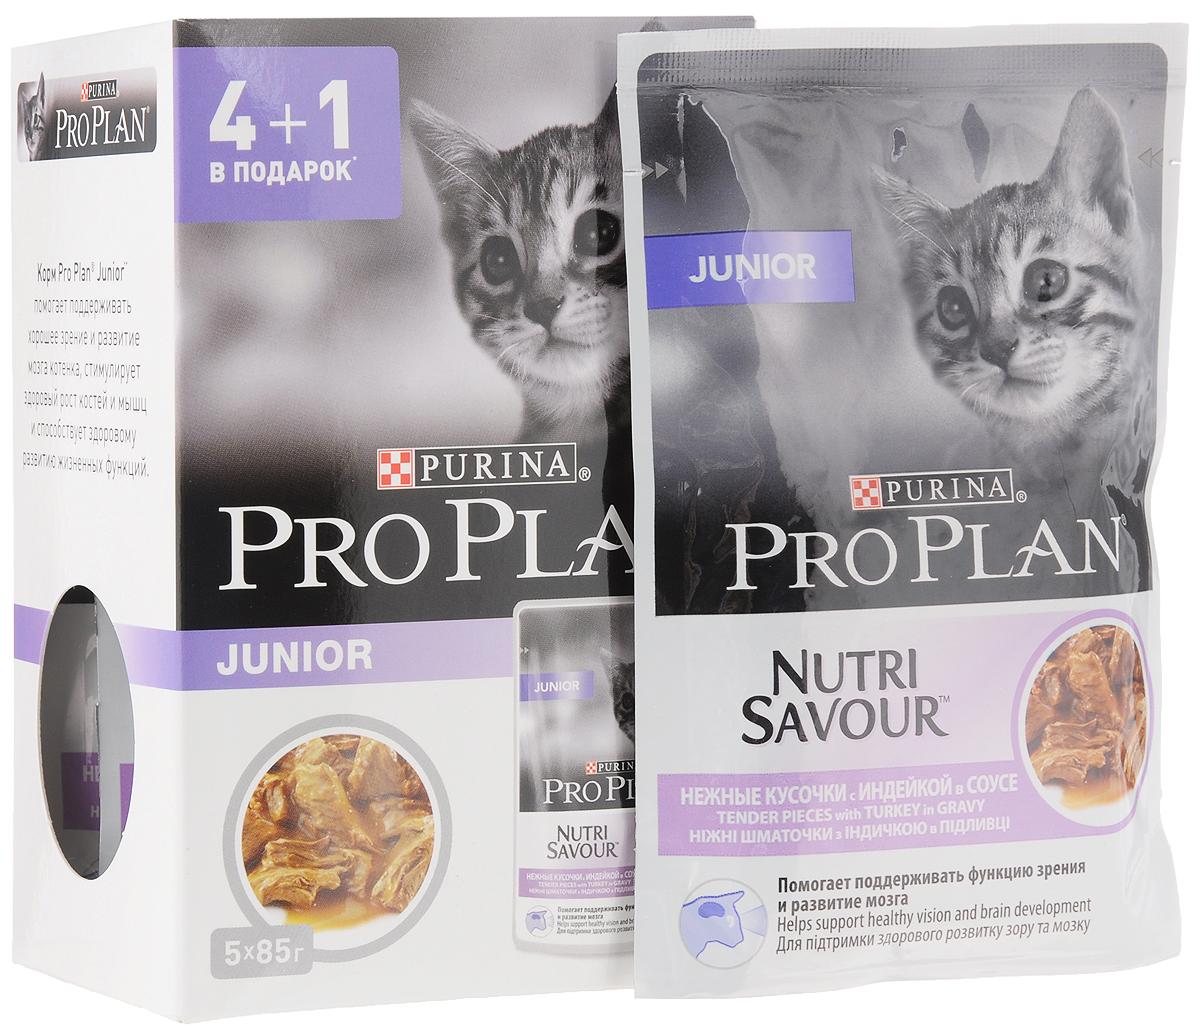 Консервы Pro Plan Junior, для котят с чувствительным пищеварением, индейка в соусе, 425 г0120710Консервы Pro Plan Junior содержат особую, разработанную с участием ученых, комбинацию ингредиентов для поддержания здоровья котят в течение продолжительного времени. Pro Plan Junior – корм с высоким содержанием белка, сочетающий все необходимые питательные вещества, включая витамины С и Д3, а также омега-3 жирную кислоту. Легко усвояемый корм для котят с чувствительным пищеварением.Товар сертифицирован.